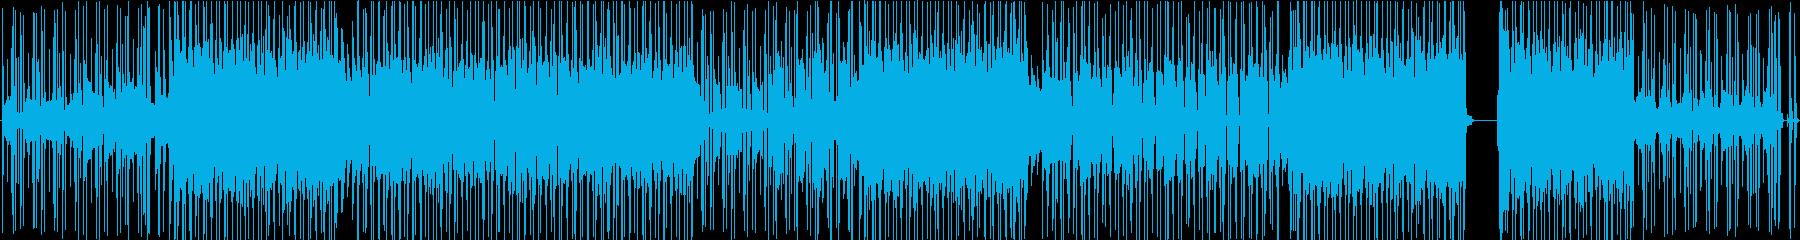 メロウなR&B風楽曲の再生済みの波形